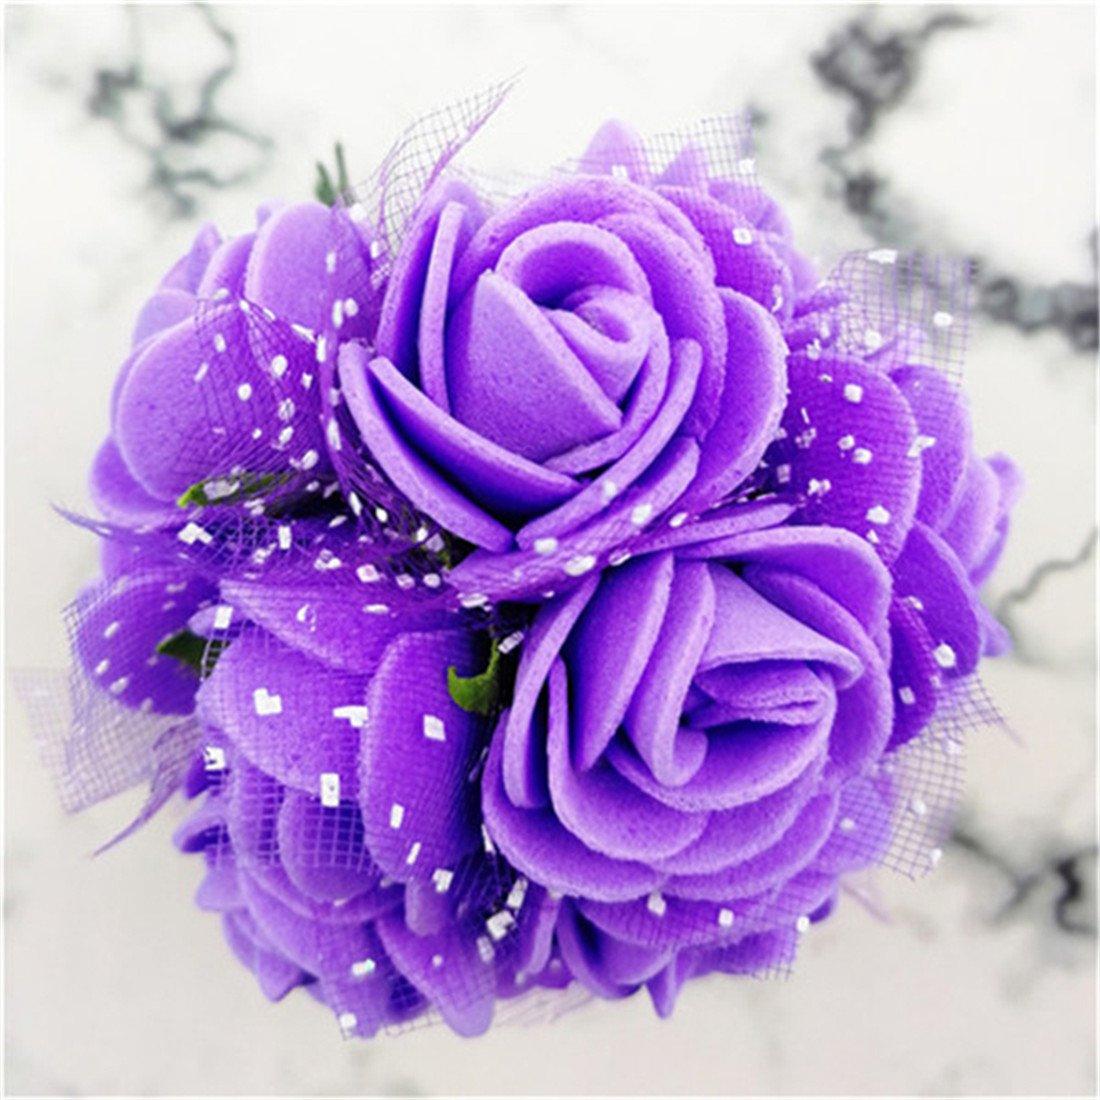 ramos bricolaje boda blanco Rosa artificial de flores baby shower gran decoraci/ón cumplea/ños fiesta 144 piezas de rosas de espuma de polietileno con velo para decoraci/ón del hogar